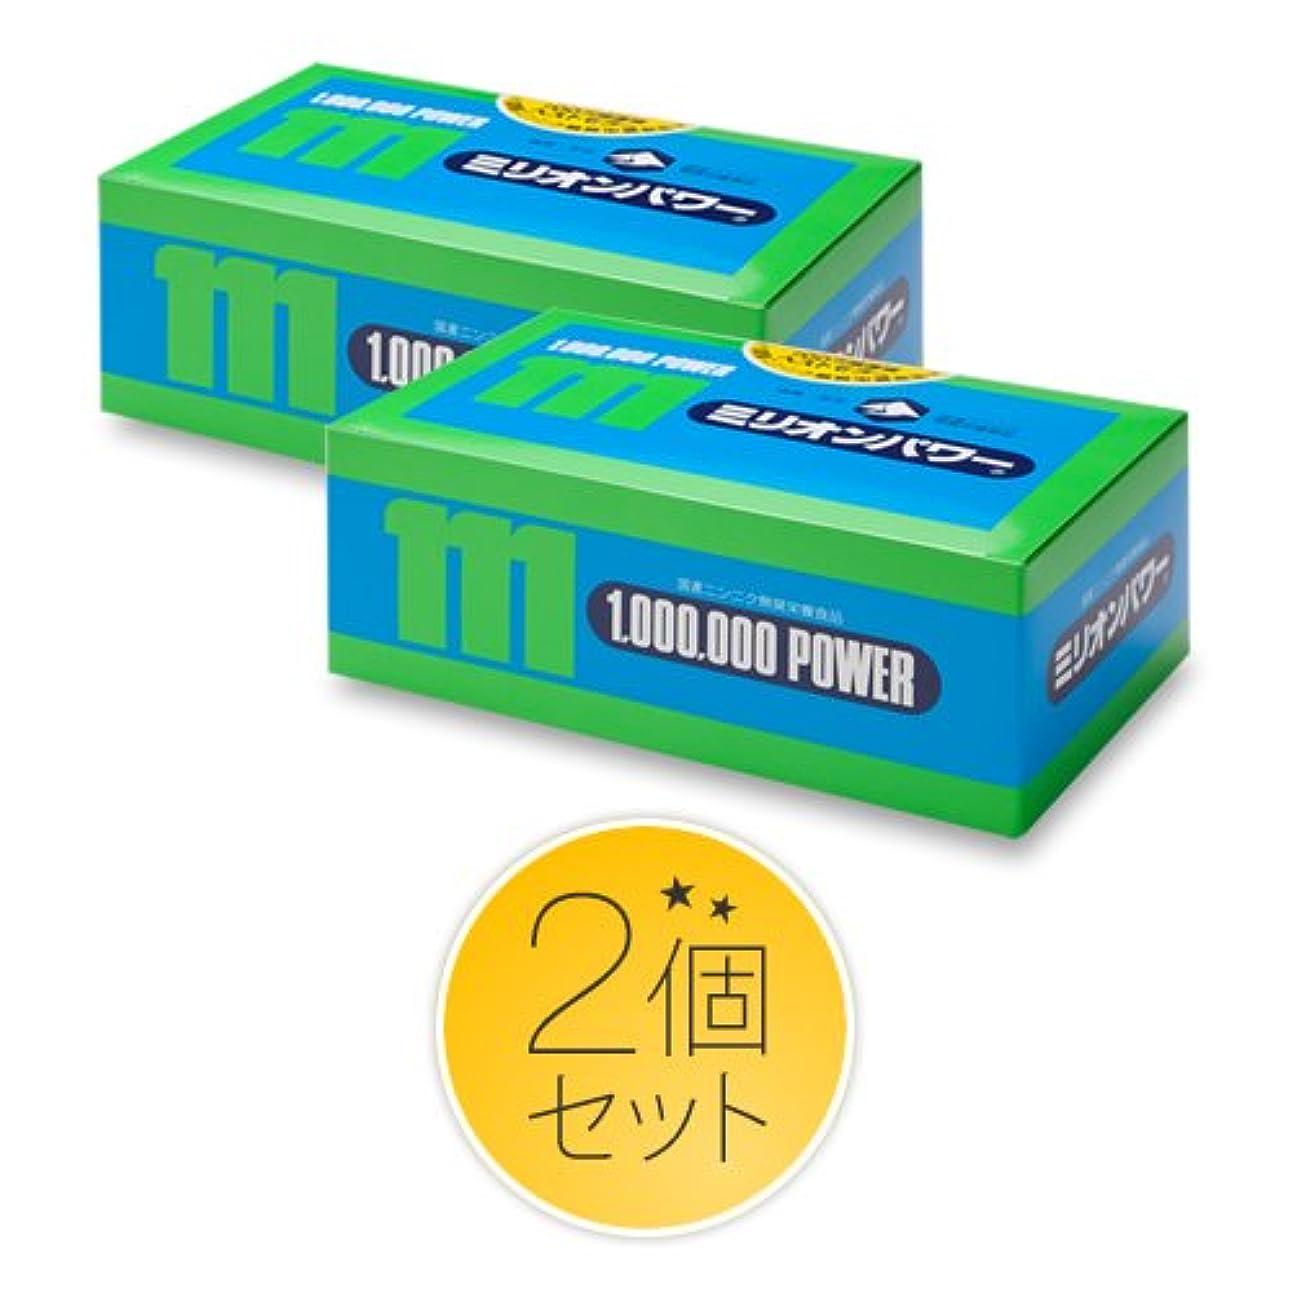 阻害する確認一般的に言えばミリオンパワー2箱セット【期間限定】EPA高配合 さらさら青魚プレゼント